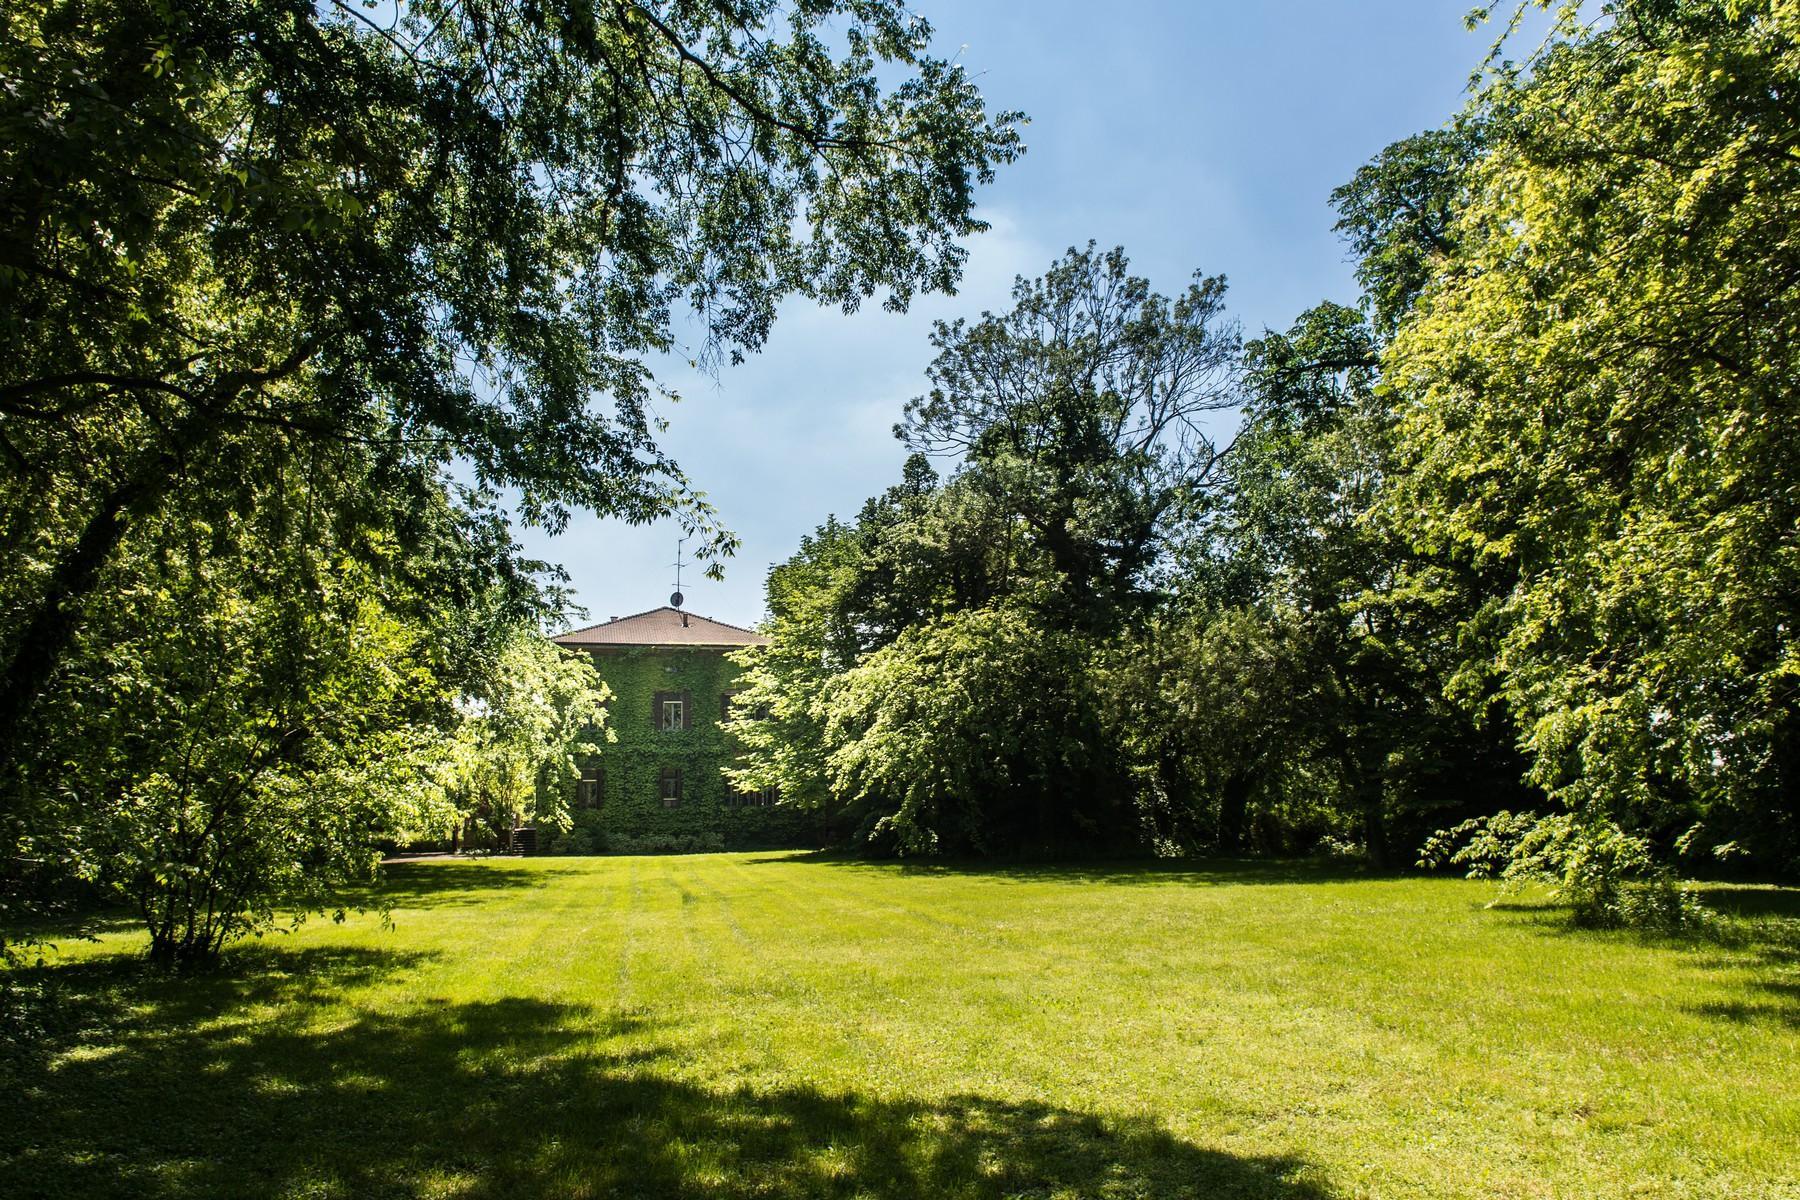 位于Cremona乡村内且拥有大公园的历史久远的别墅 - 8